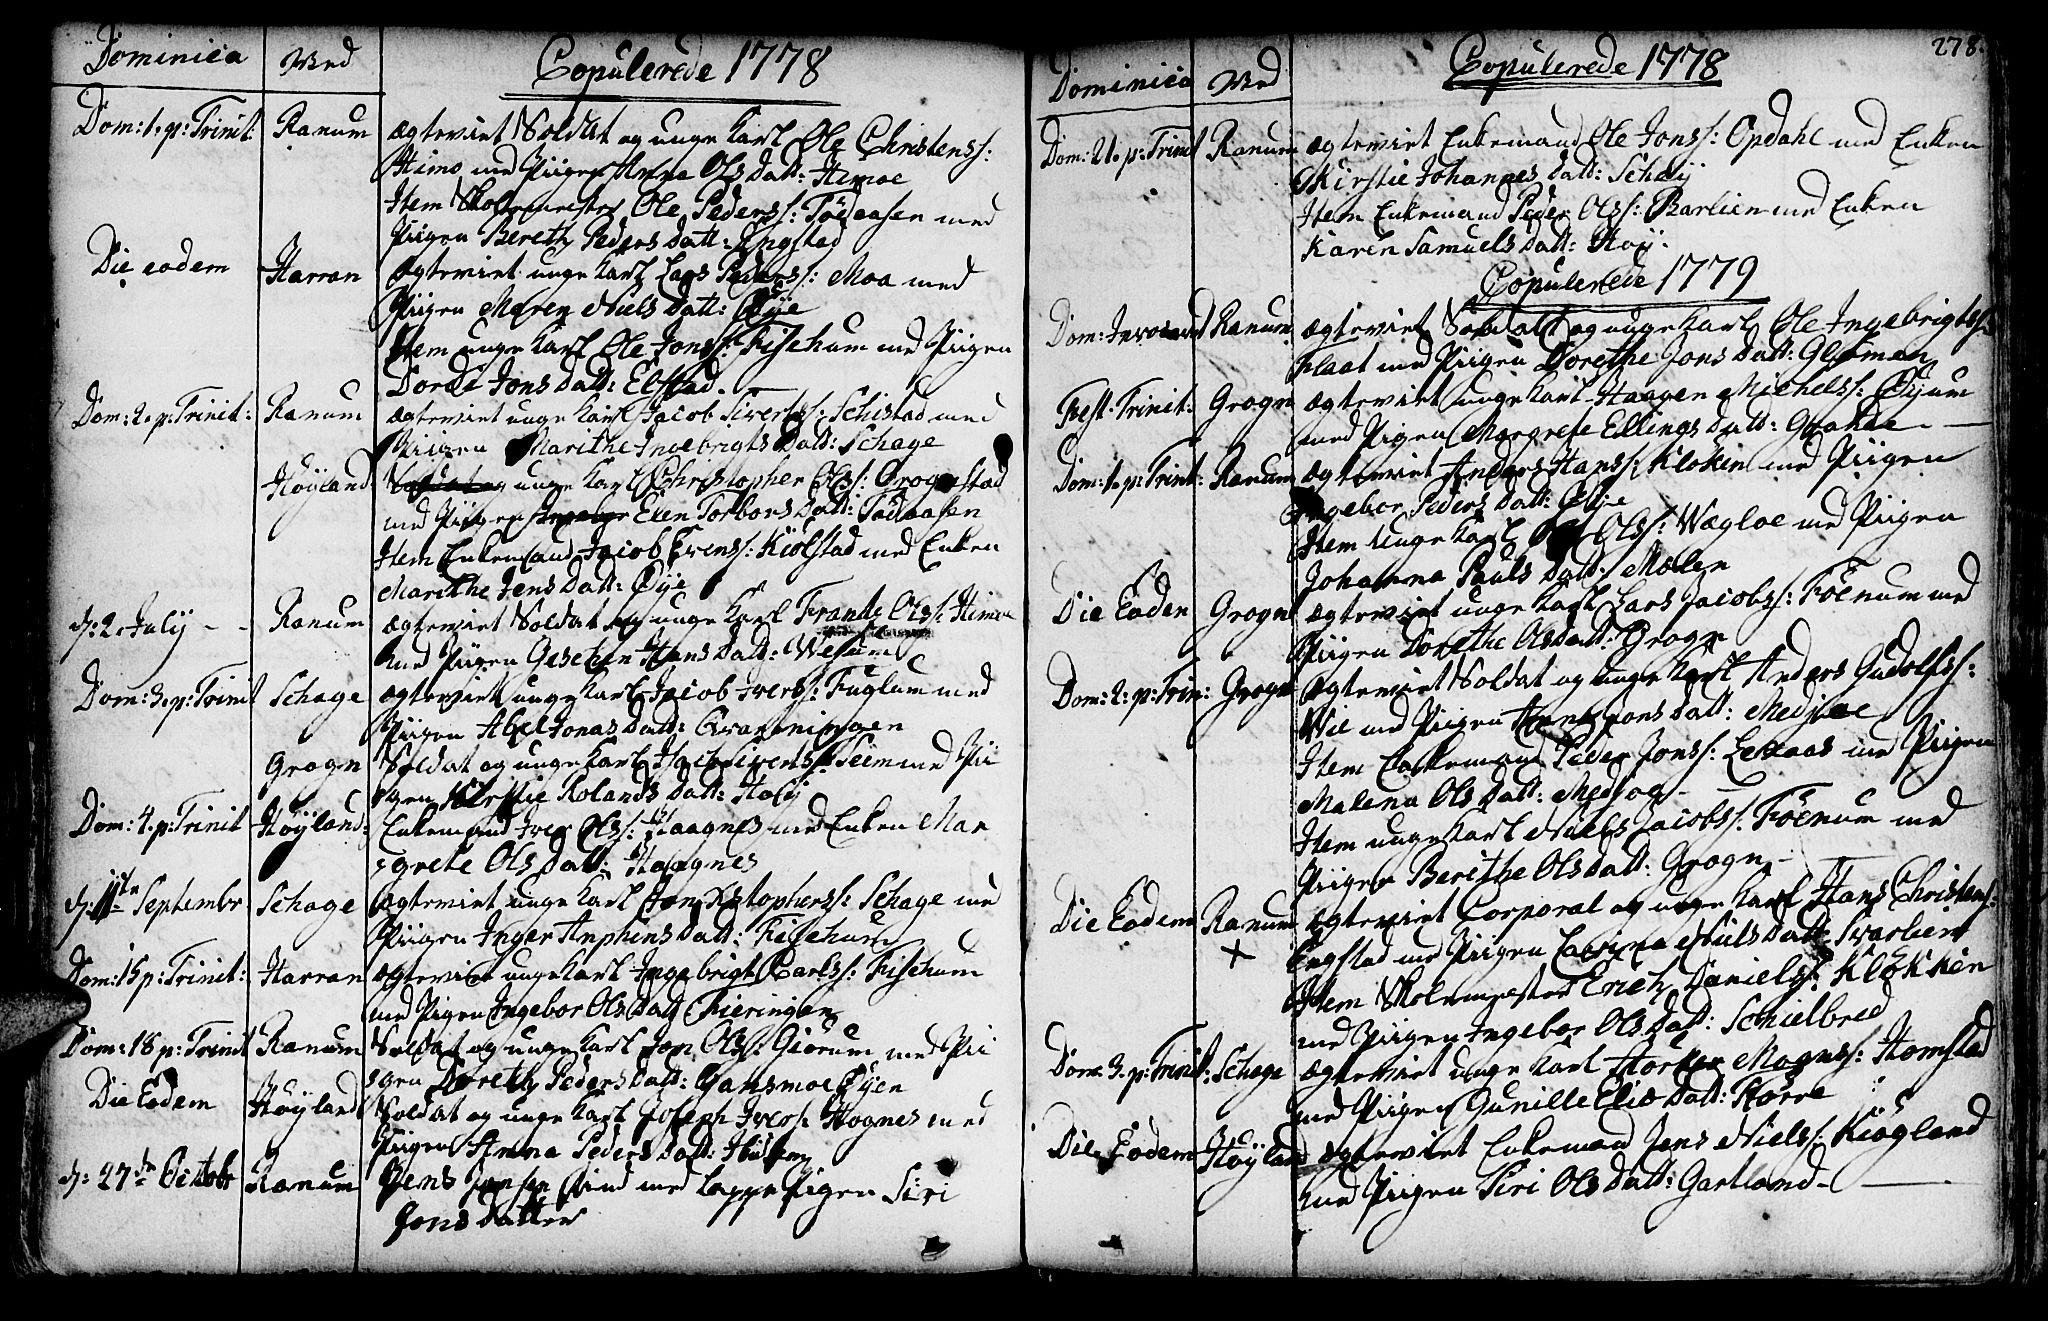 SAT, Ministerialprotokoller, klokkerbøker og fødselsregistre - Nord-Trøndelag, 764/L0542: Ministerialbok nr. 764A02, 1748-1779, s. 278